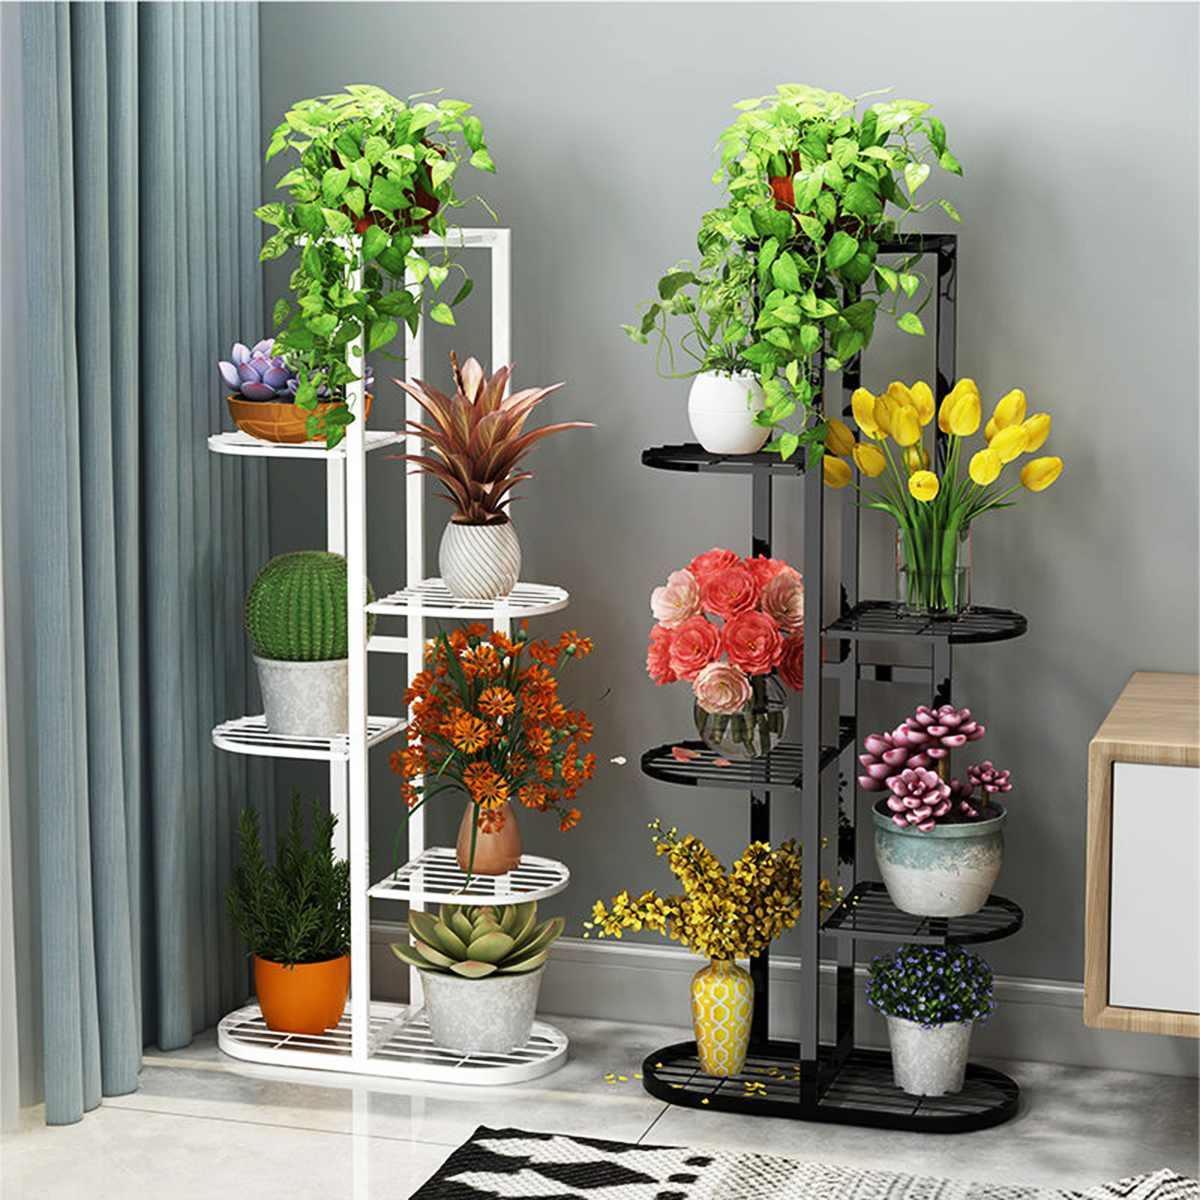 AliExpress tagère à plantes en fer, 1 pièce, support pour plantes à fleurs en Pot, étagère Multiple pour